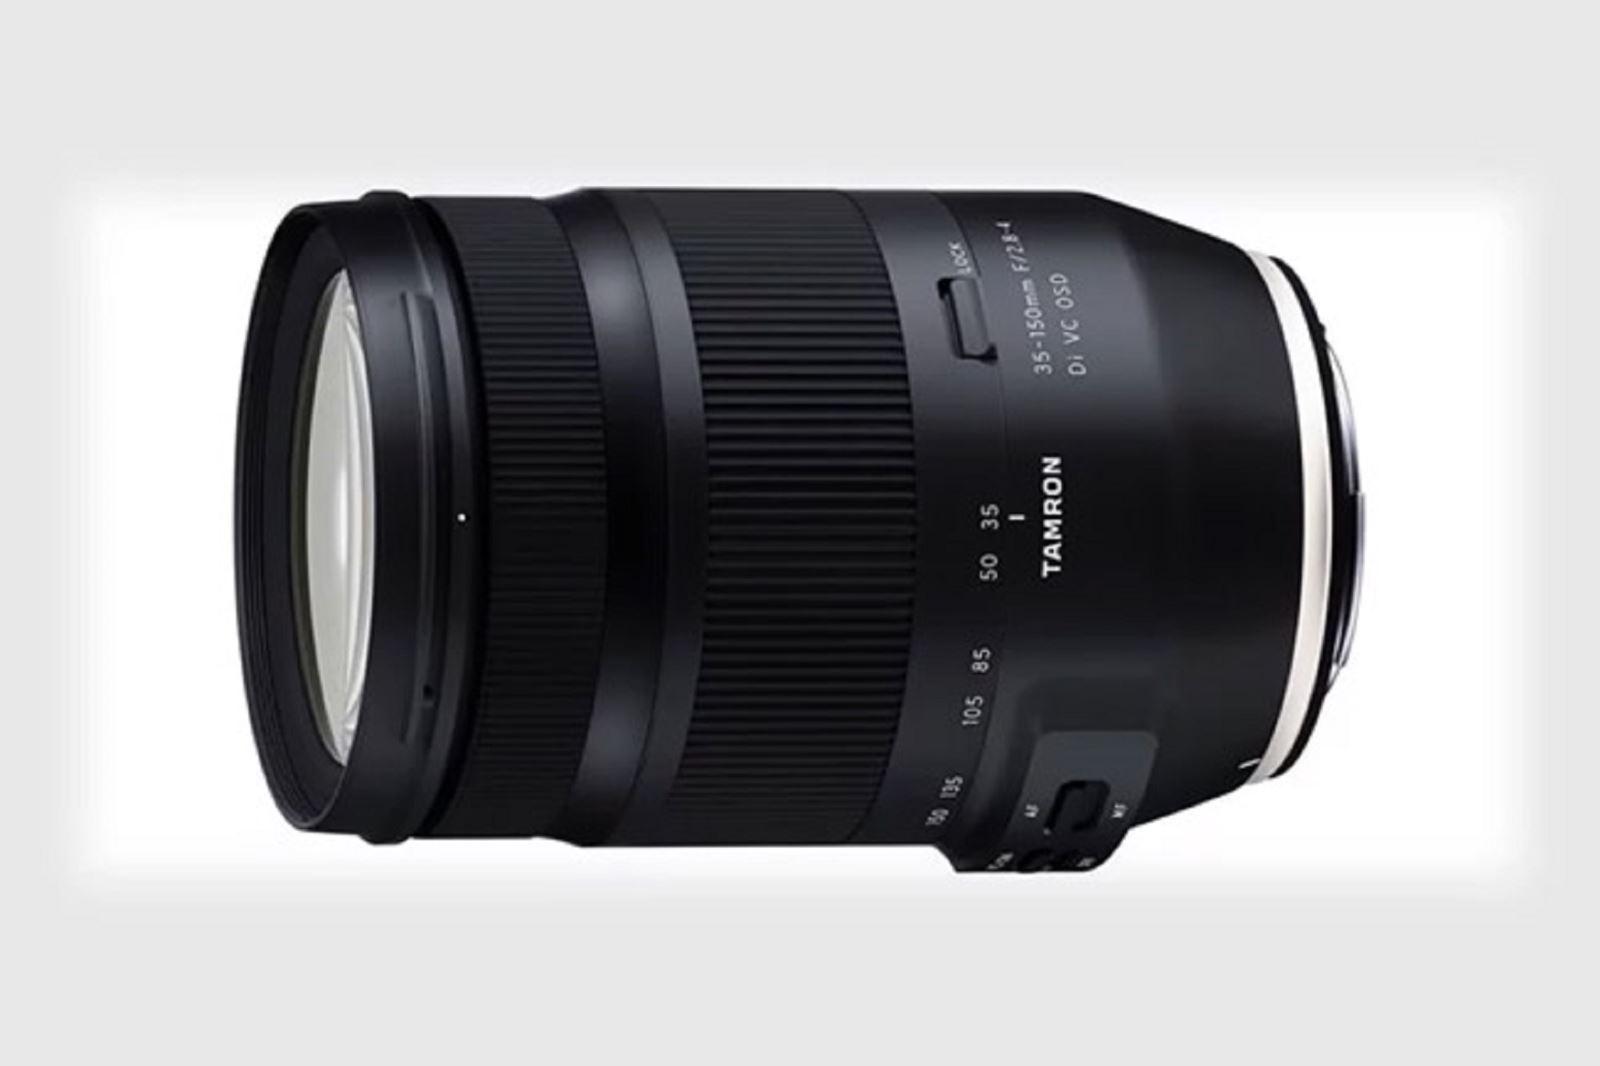 Tamron ra mắt ống kính35-150mm f2.8-4 cho máy ảnh DSLR Fullframe Canon và Nikon